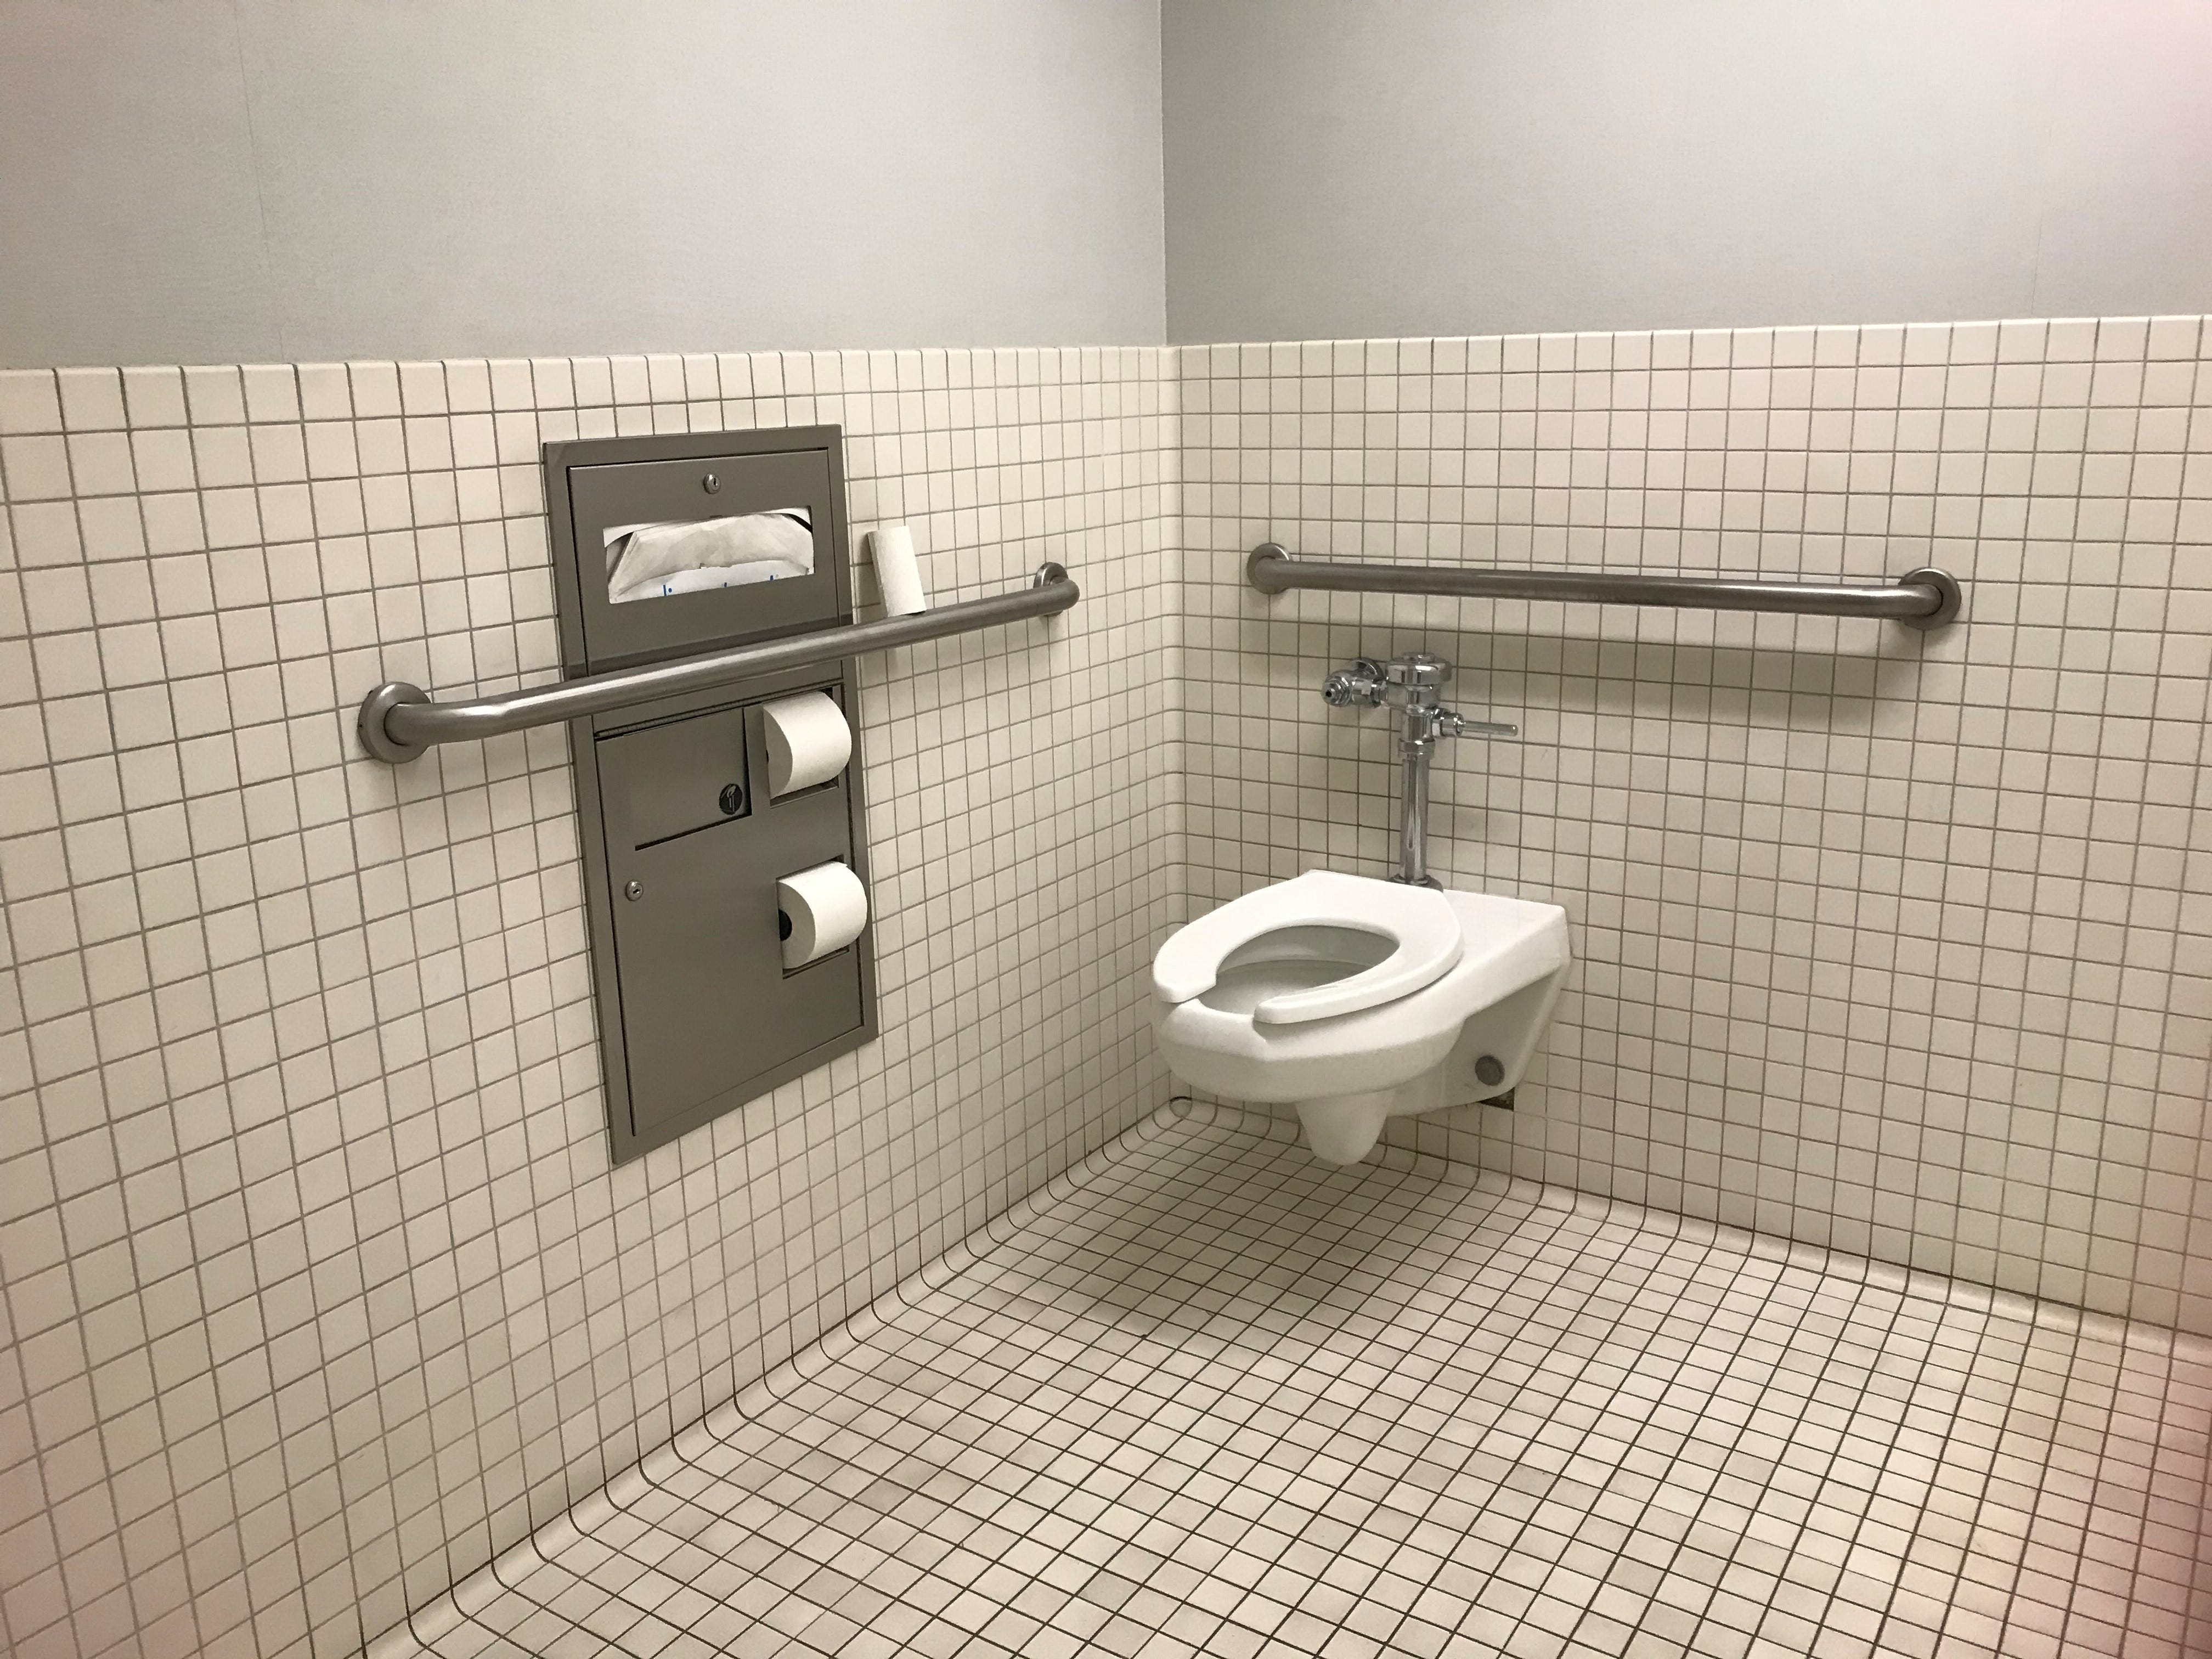 2021 Public Restroom Power Rankings